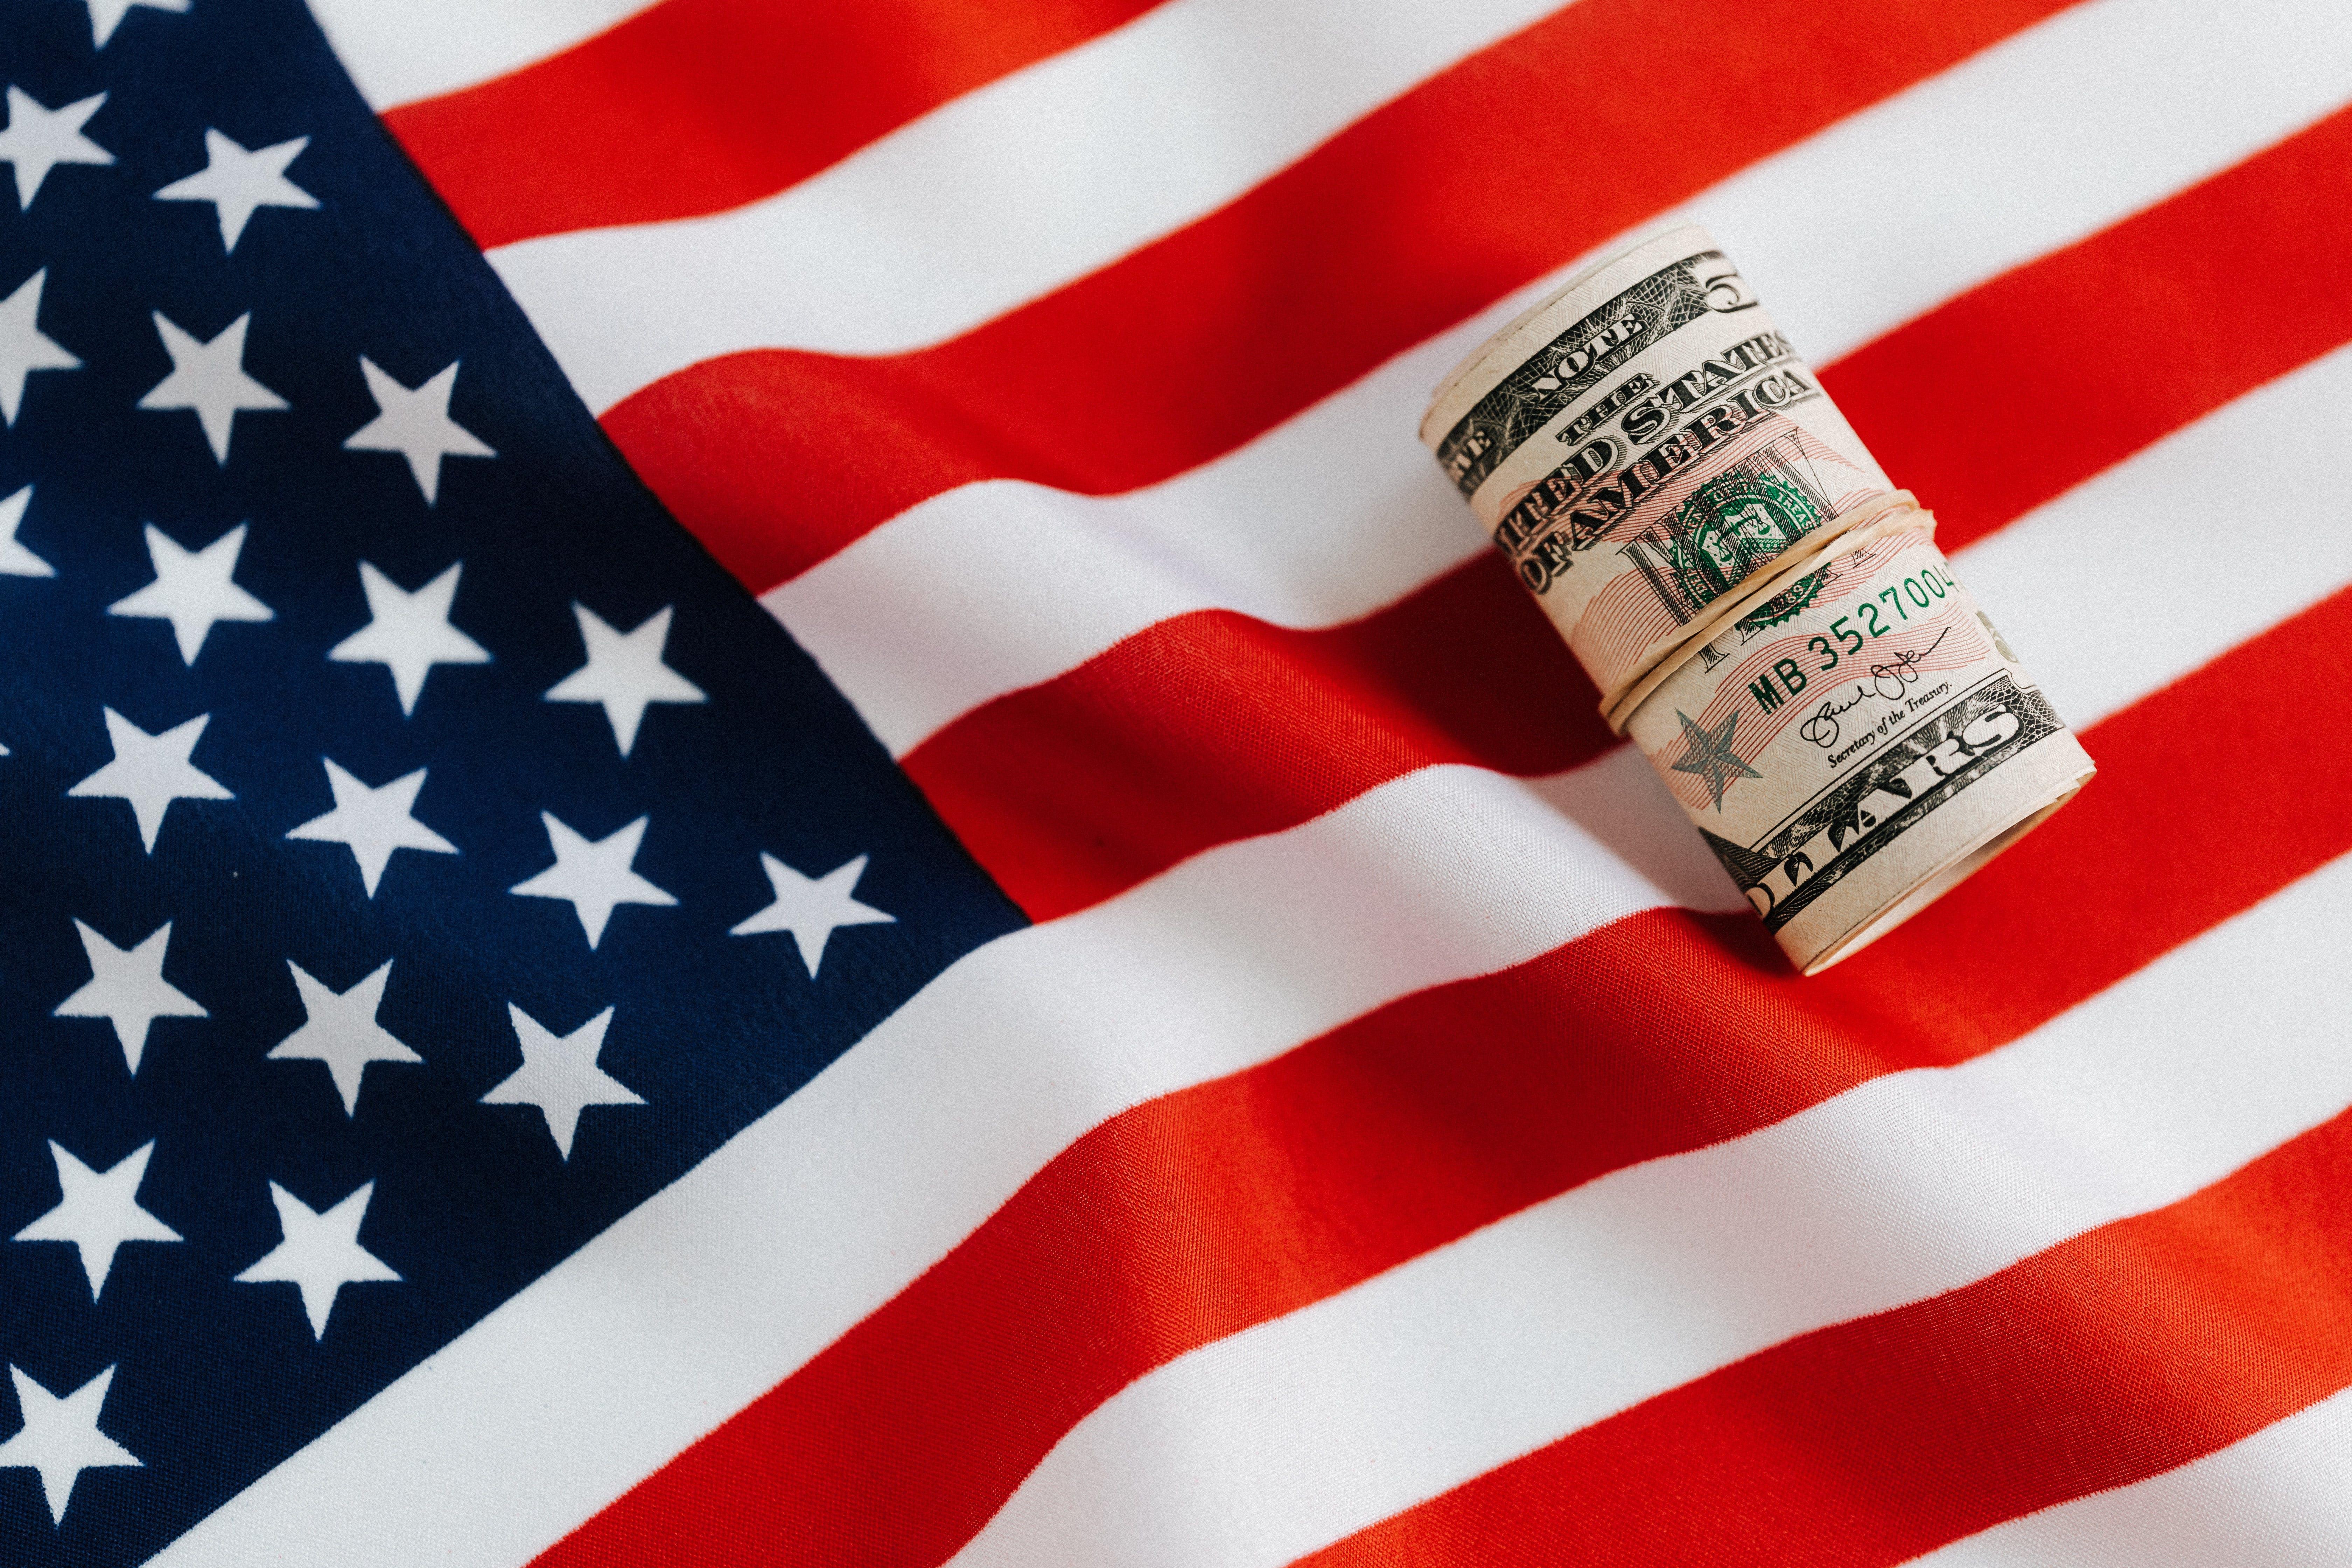 البطاقة الأمريكية الخضراء